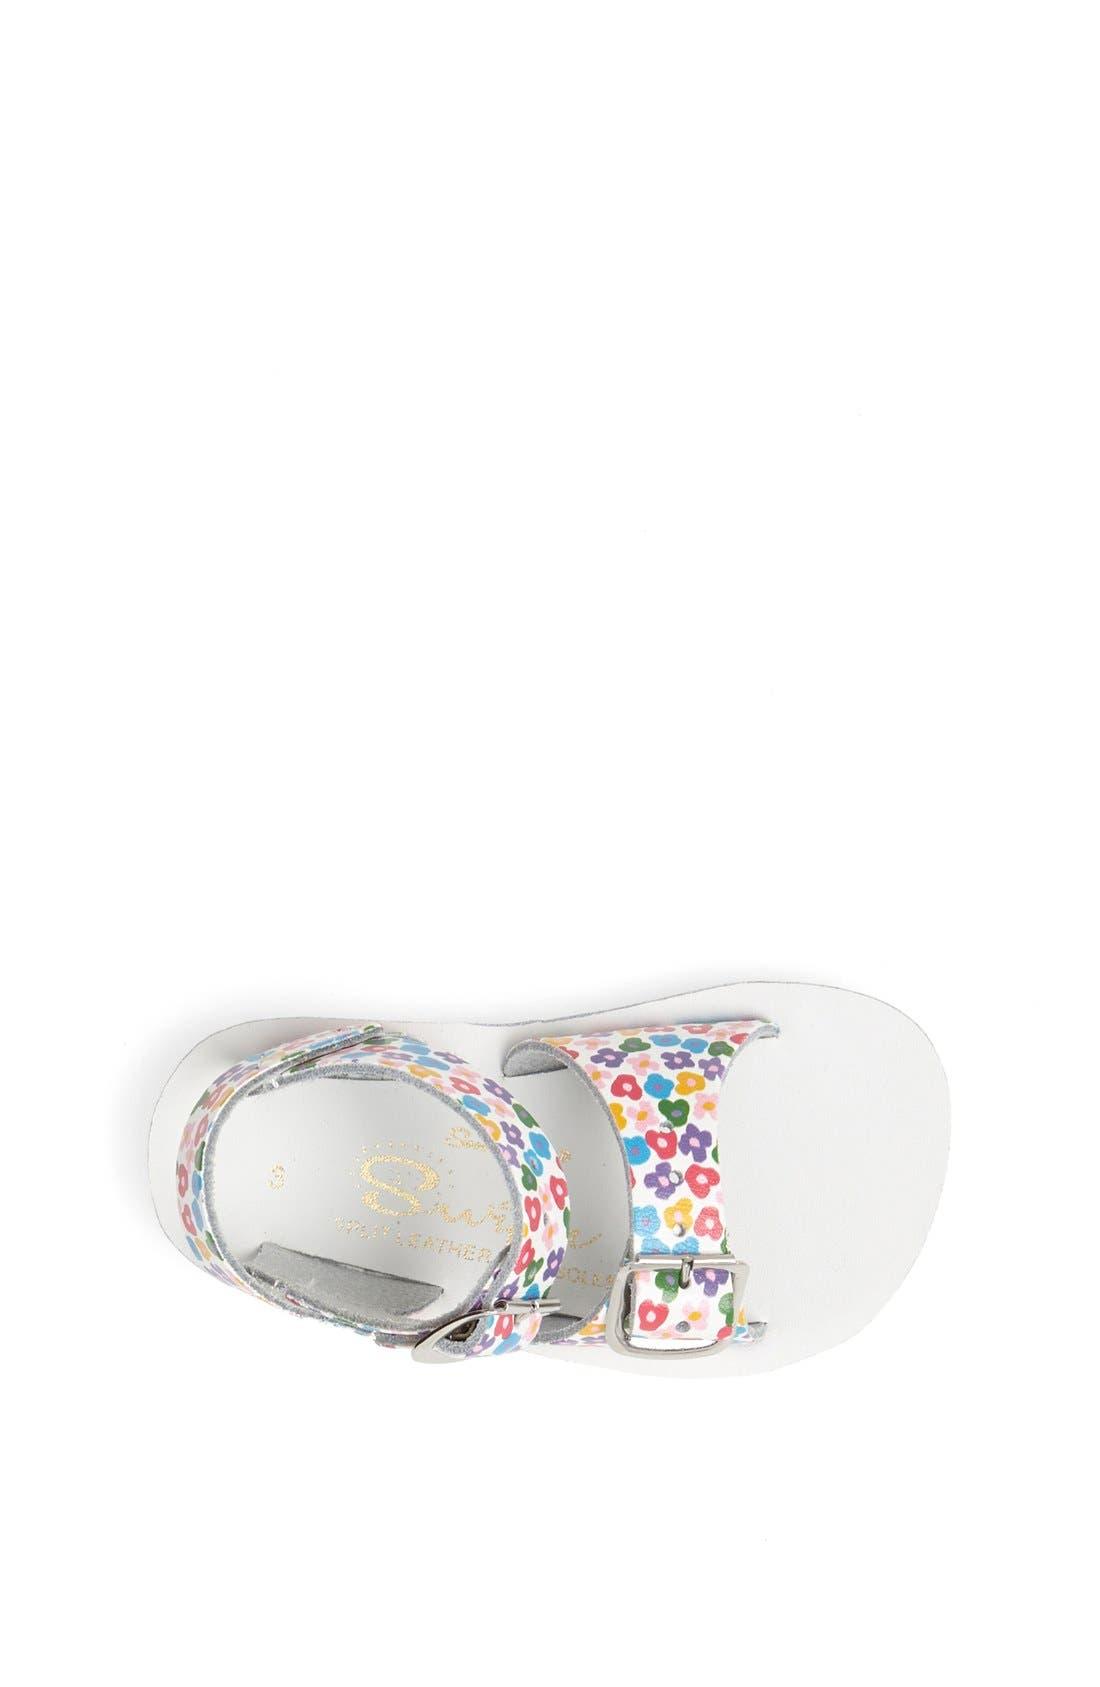 Hoy Shoe Salt-Water<sup>®</sup> Sandals 'Surfer' Sandal,                             Alternate thumbnail 4, color,